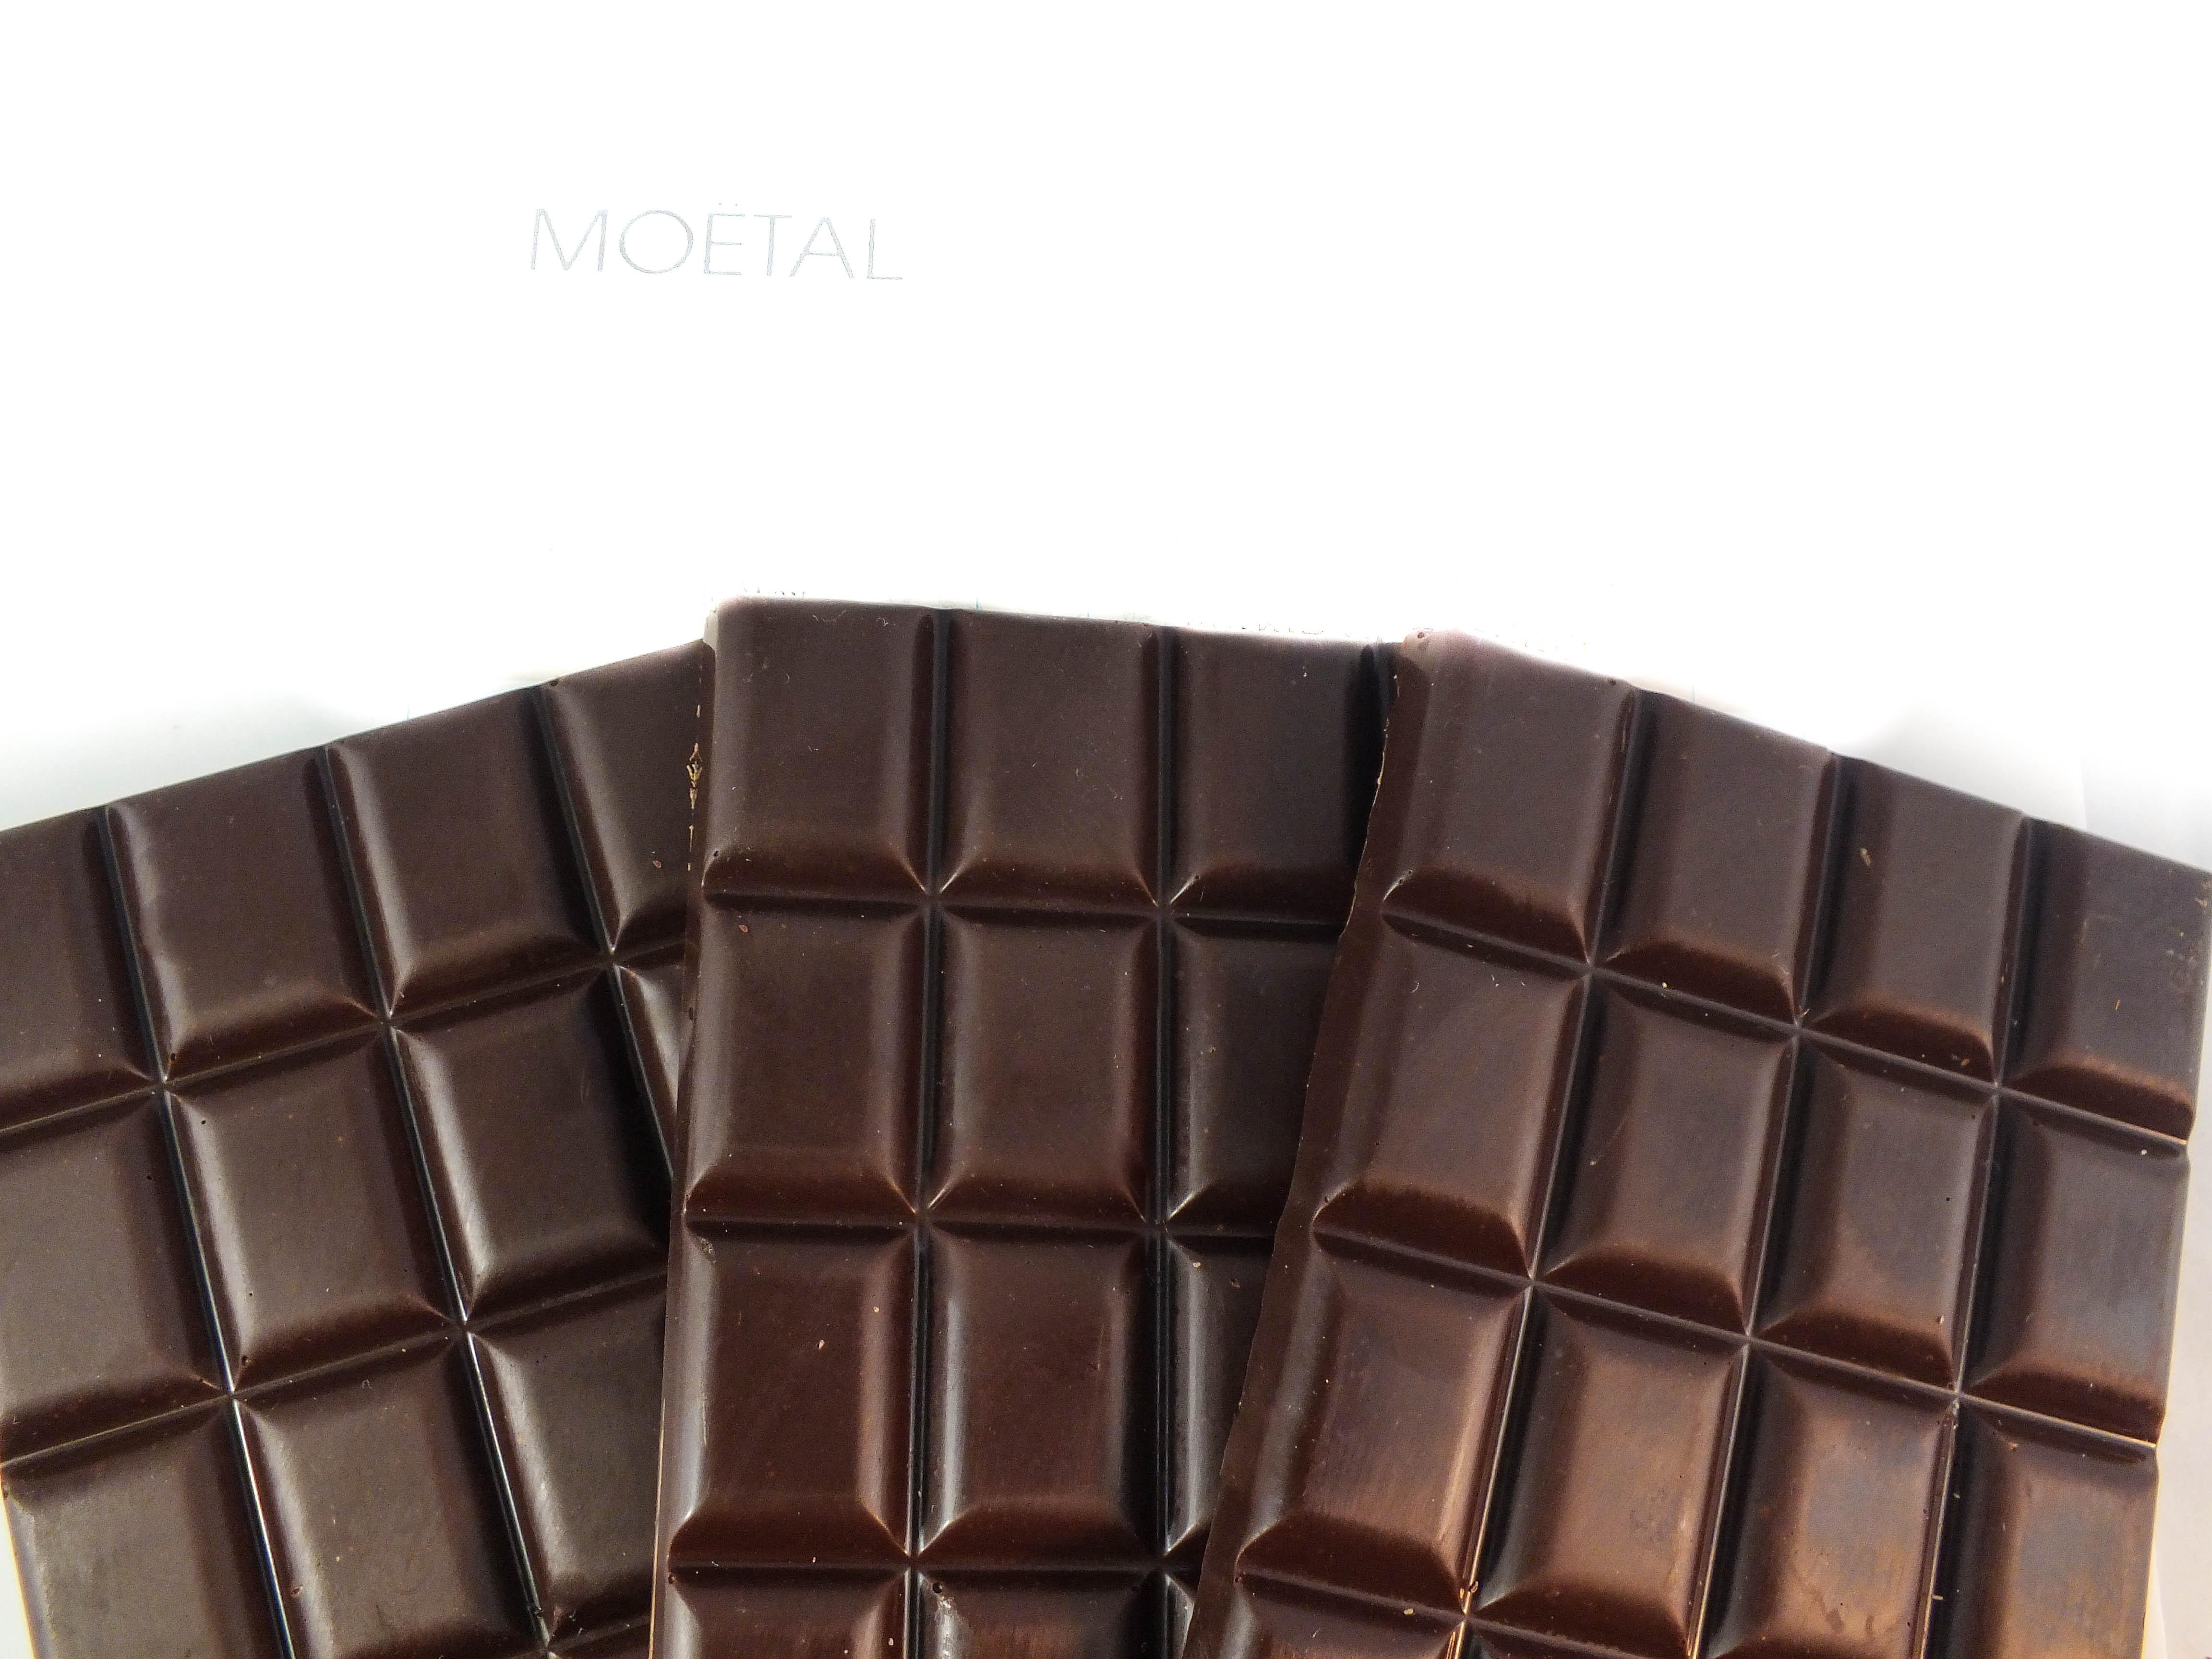 80g Mint Dark x 10